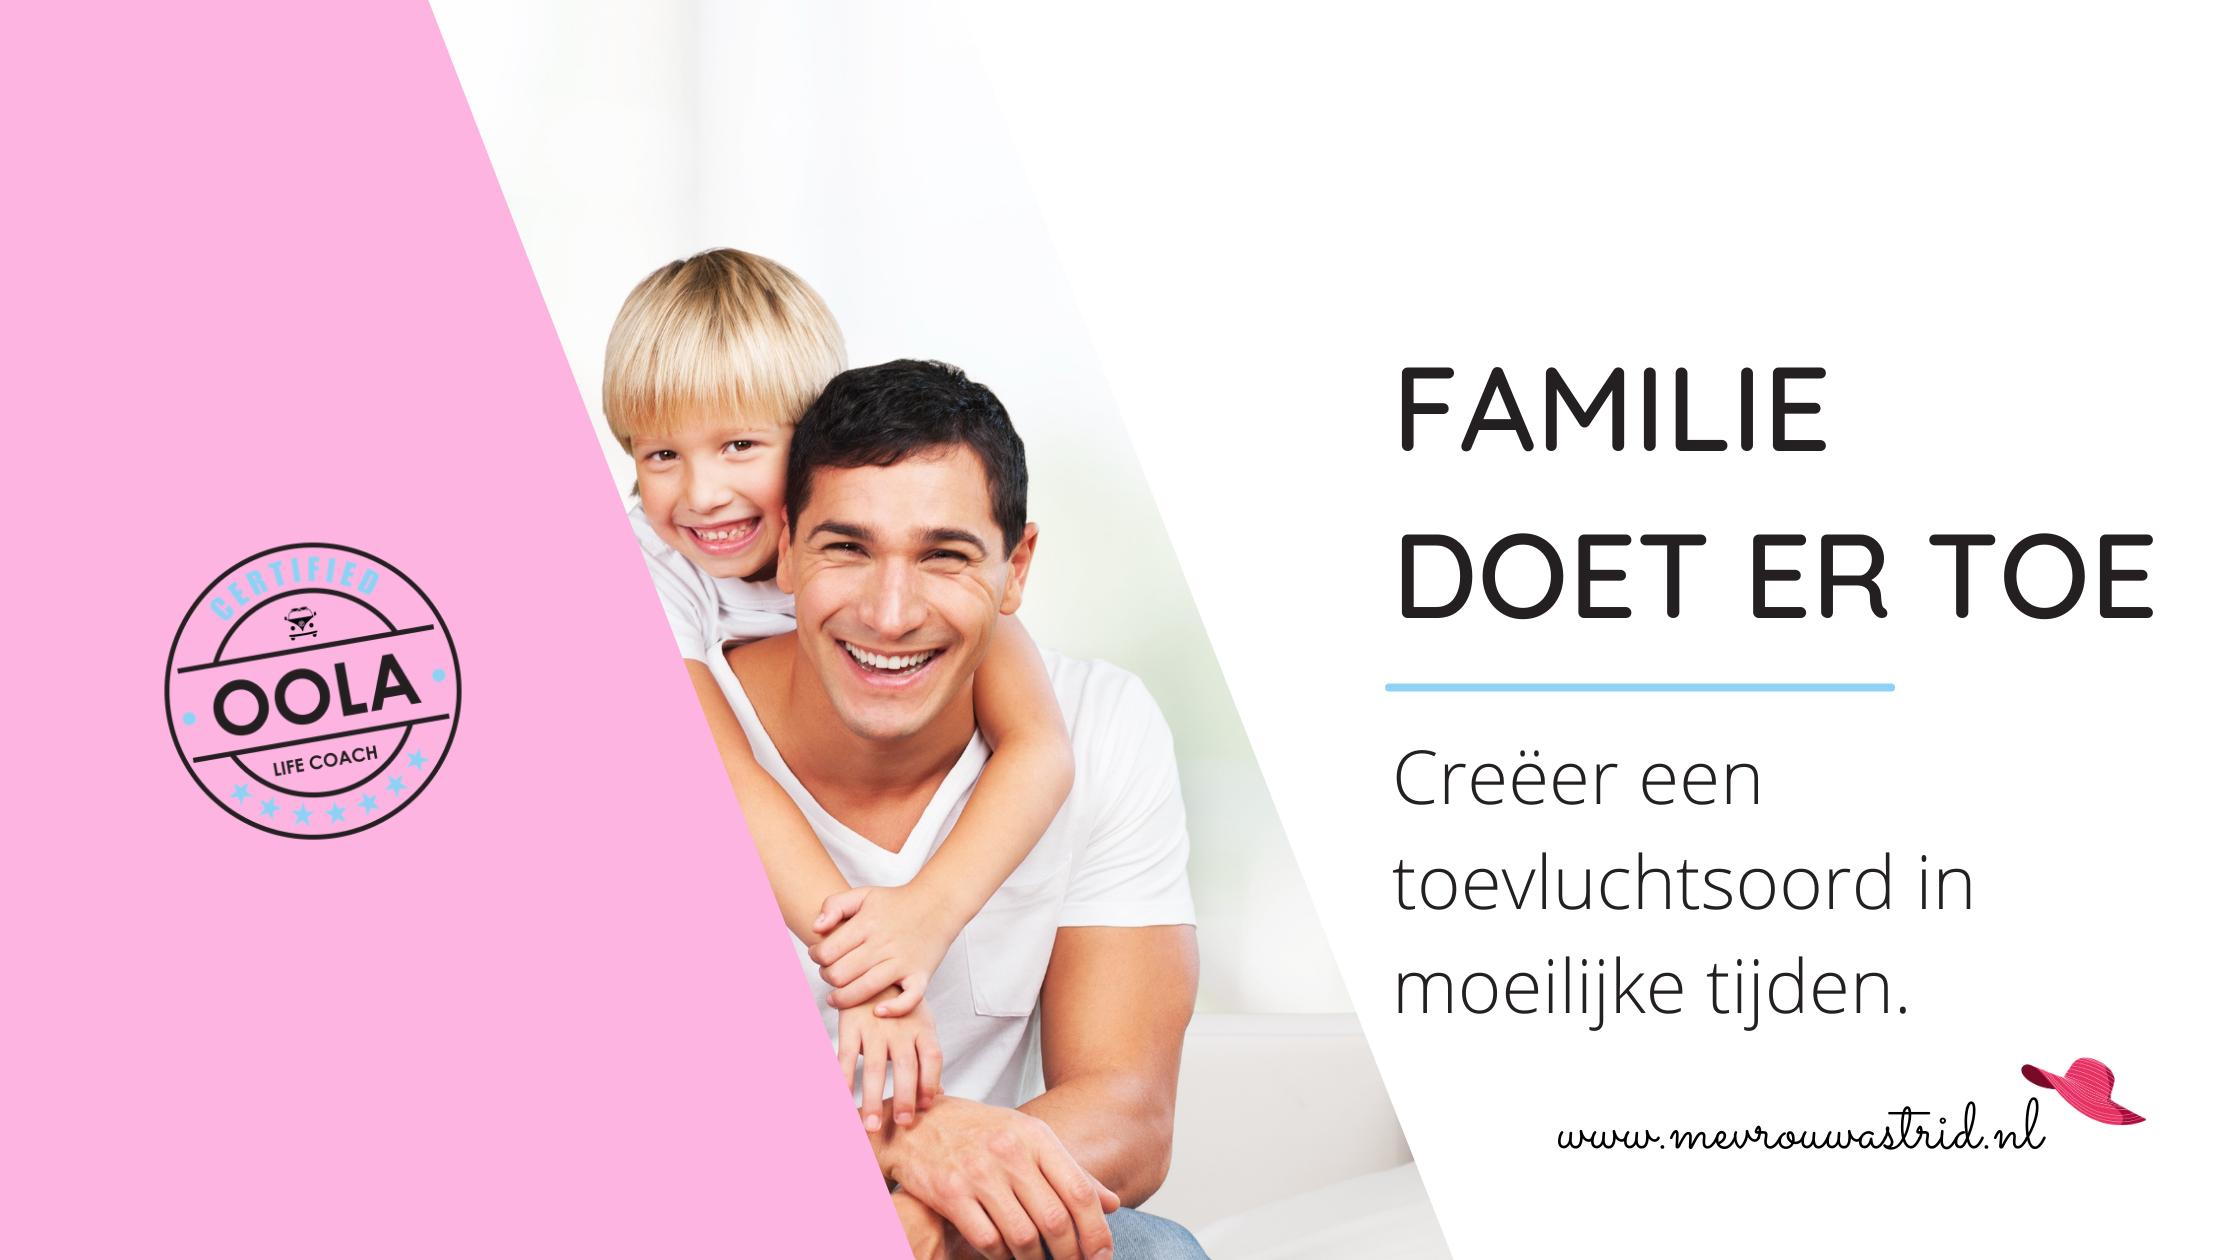 5 tips voor hoe je omgaat met gespannen familie situaties